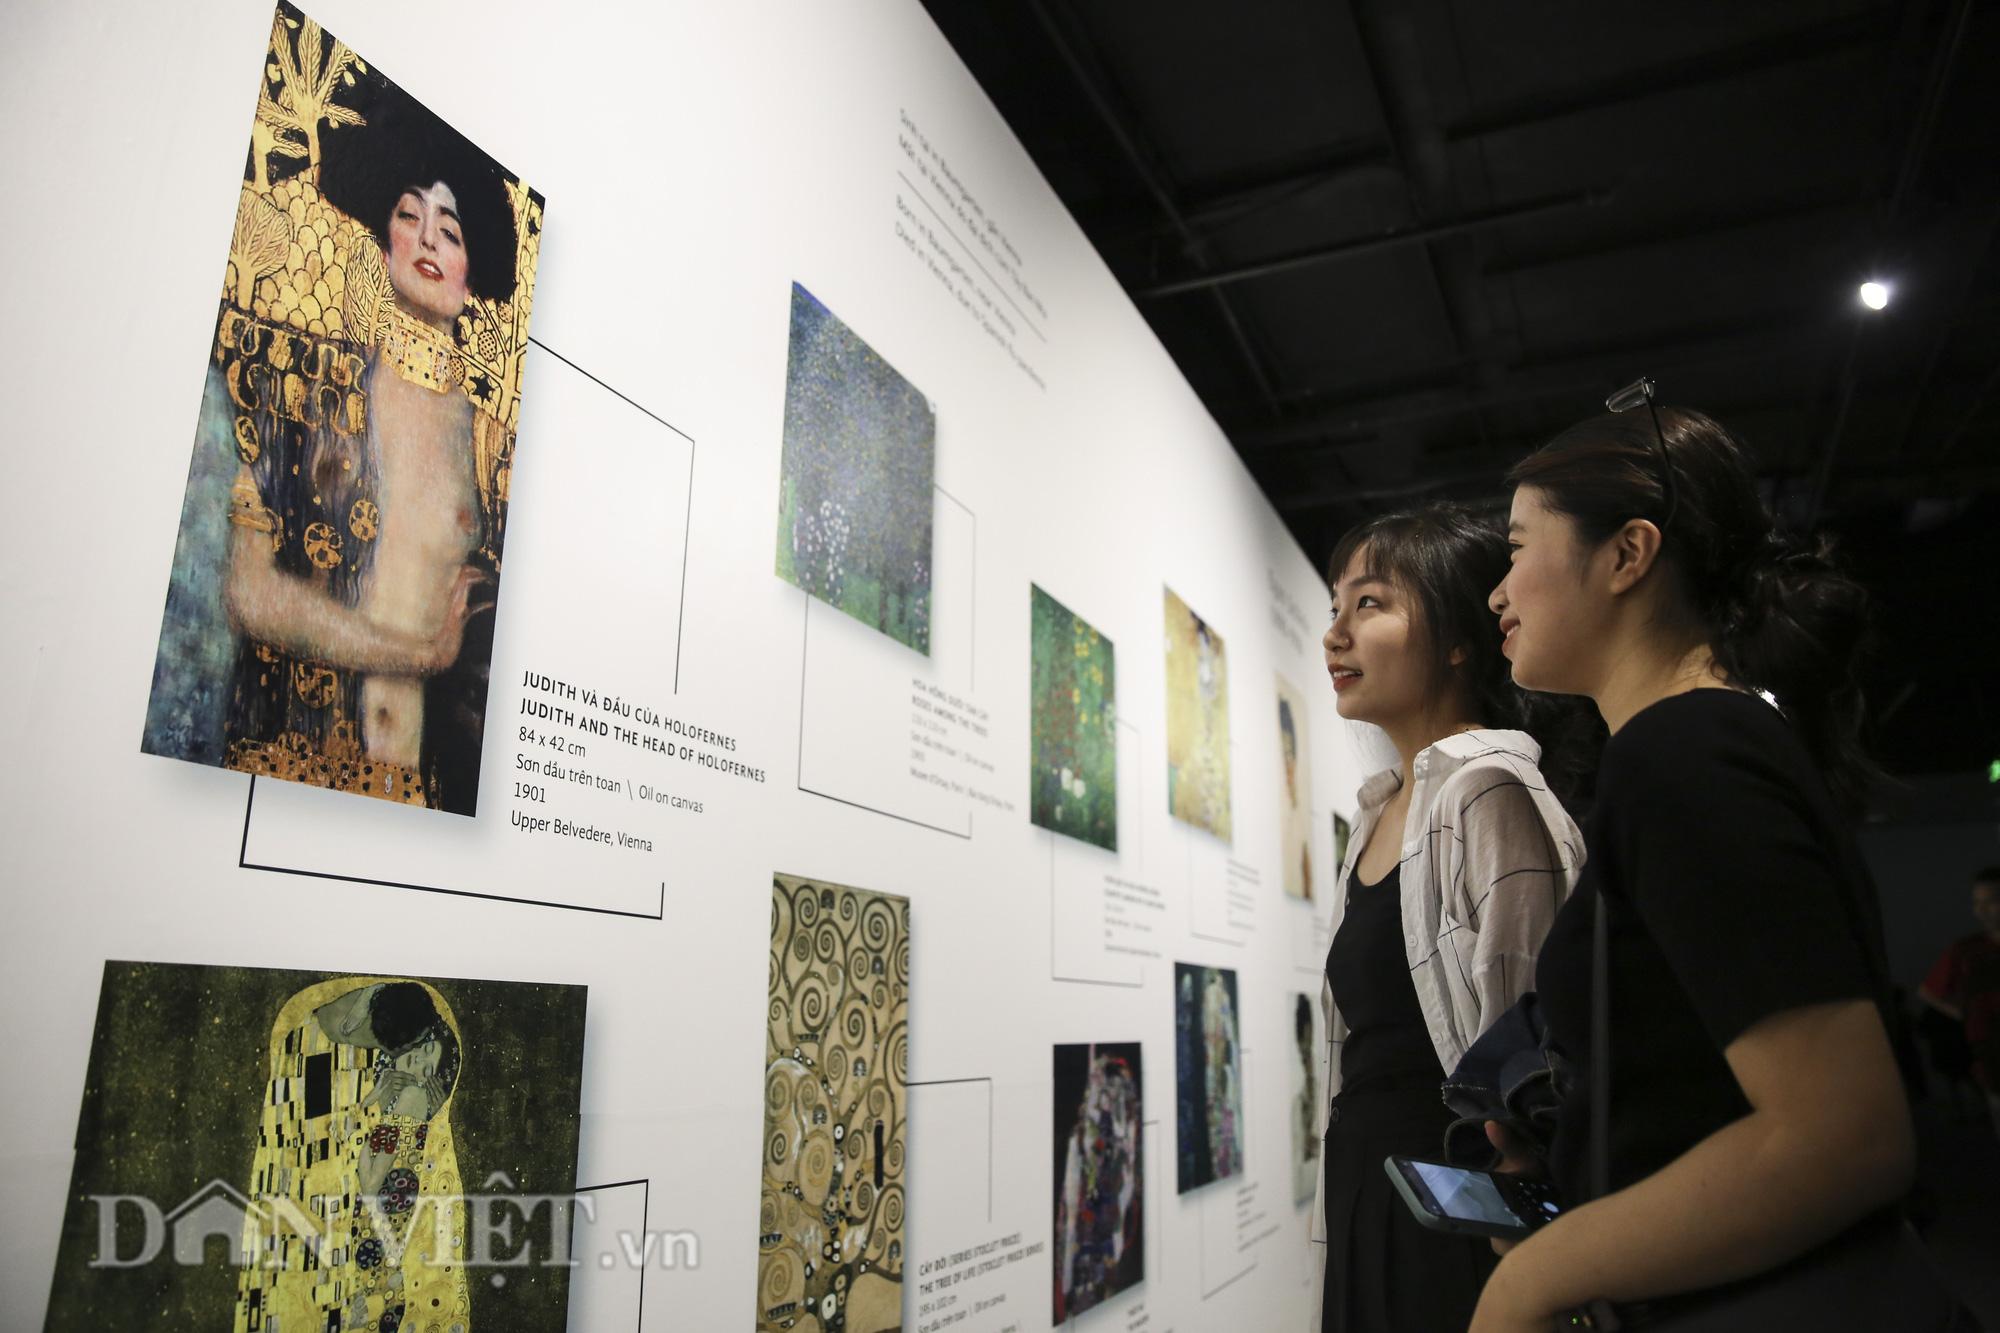 Chiêm ngưỡng những kiệt tác hội họa trăm năm, giá trăm triệu USD tại Hà Nội - Ảnh 3.